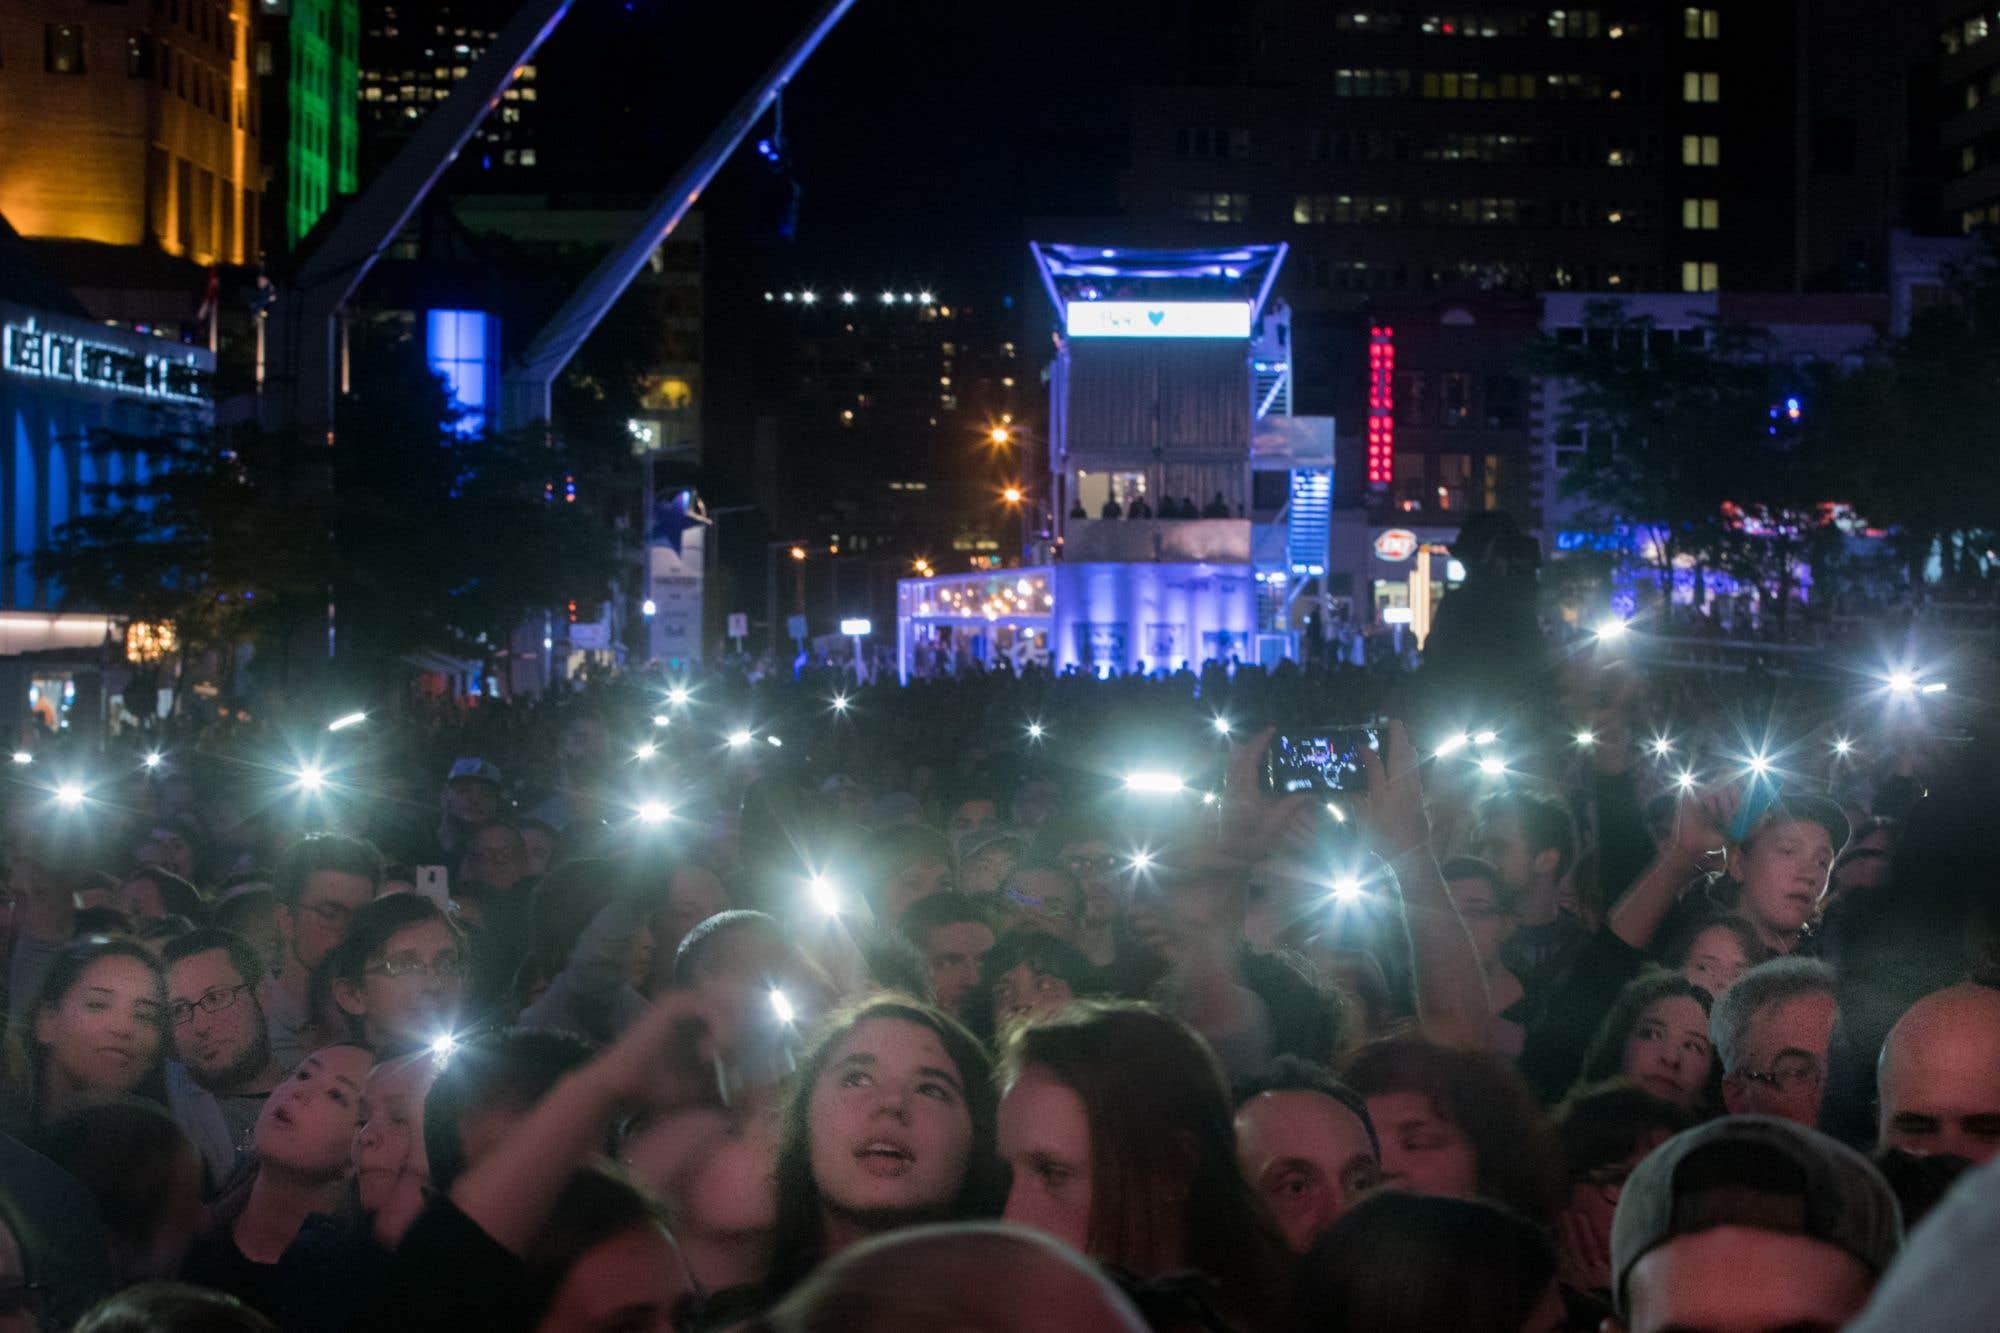 Malgré le temps incertain, le public était au rendez-vous vendredi soir sur le site des FrancoFolies de Montréal. Le populaire festival se poursuit jusqu'à dimanche.